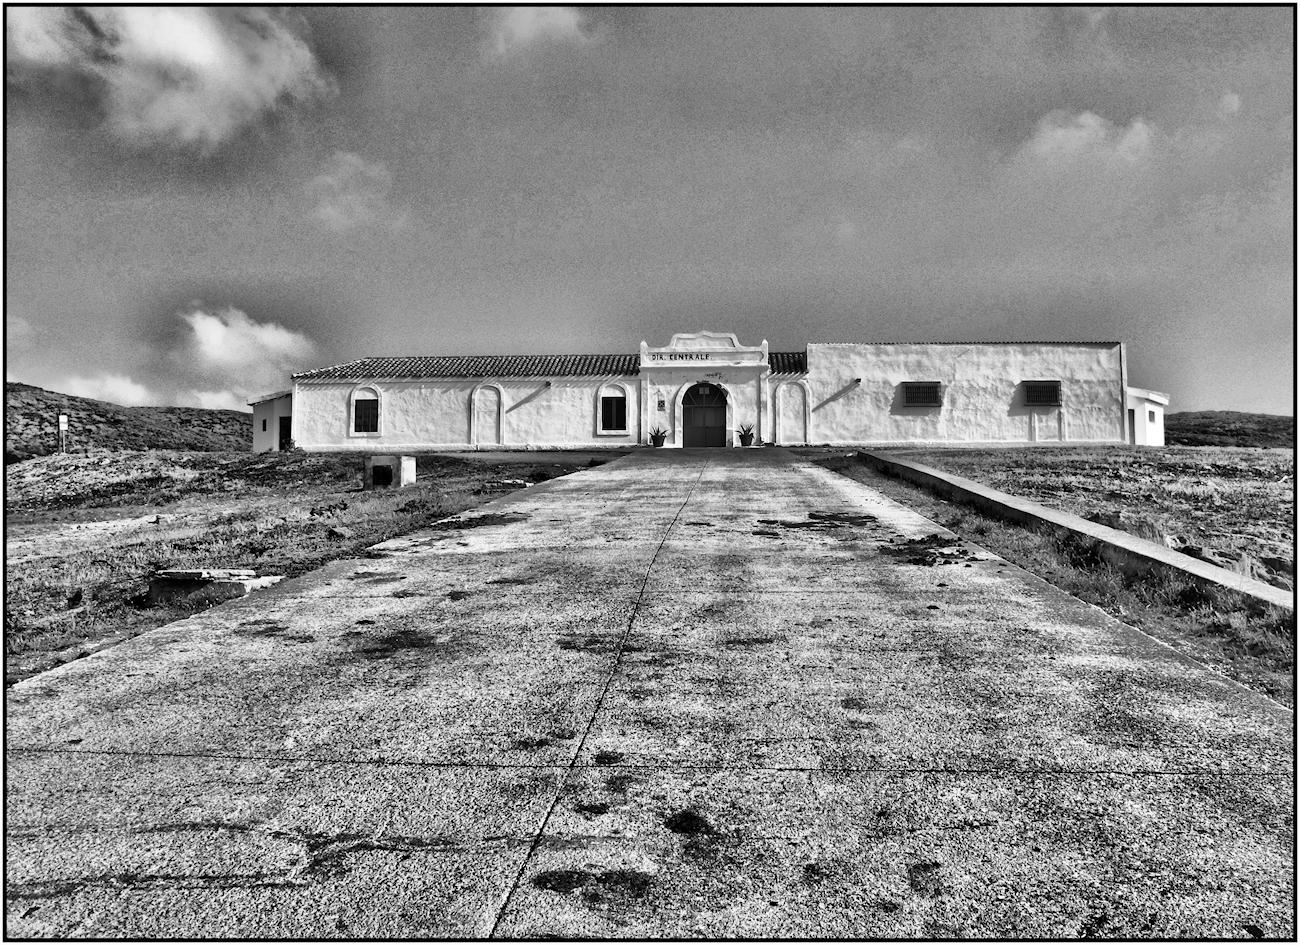 Carcere Dell'Asinara - Io dico che queste mura sono strane: prima le odi, poi ci fai l'abitudine, e se passa abbastanza tempo non riesci più a farne a meno: sei istituzionalizzato. È la tua vita che vogliono, ed è la tua vita che si prendono. La parte che conta almeno. (Dal film Le ali della libertà)